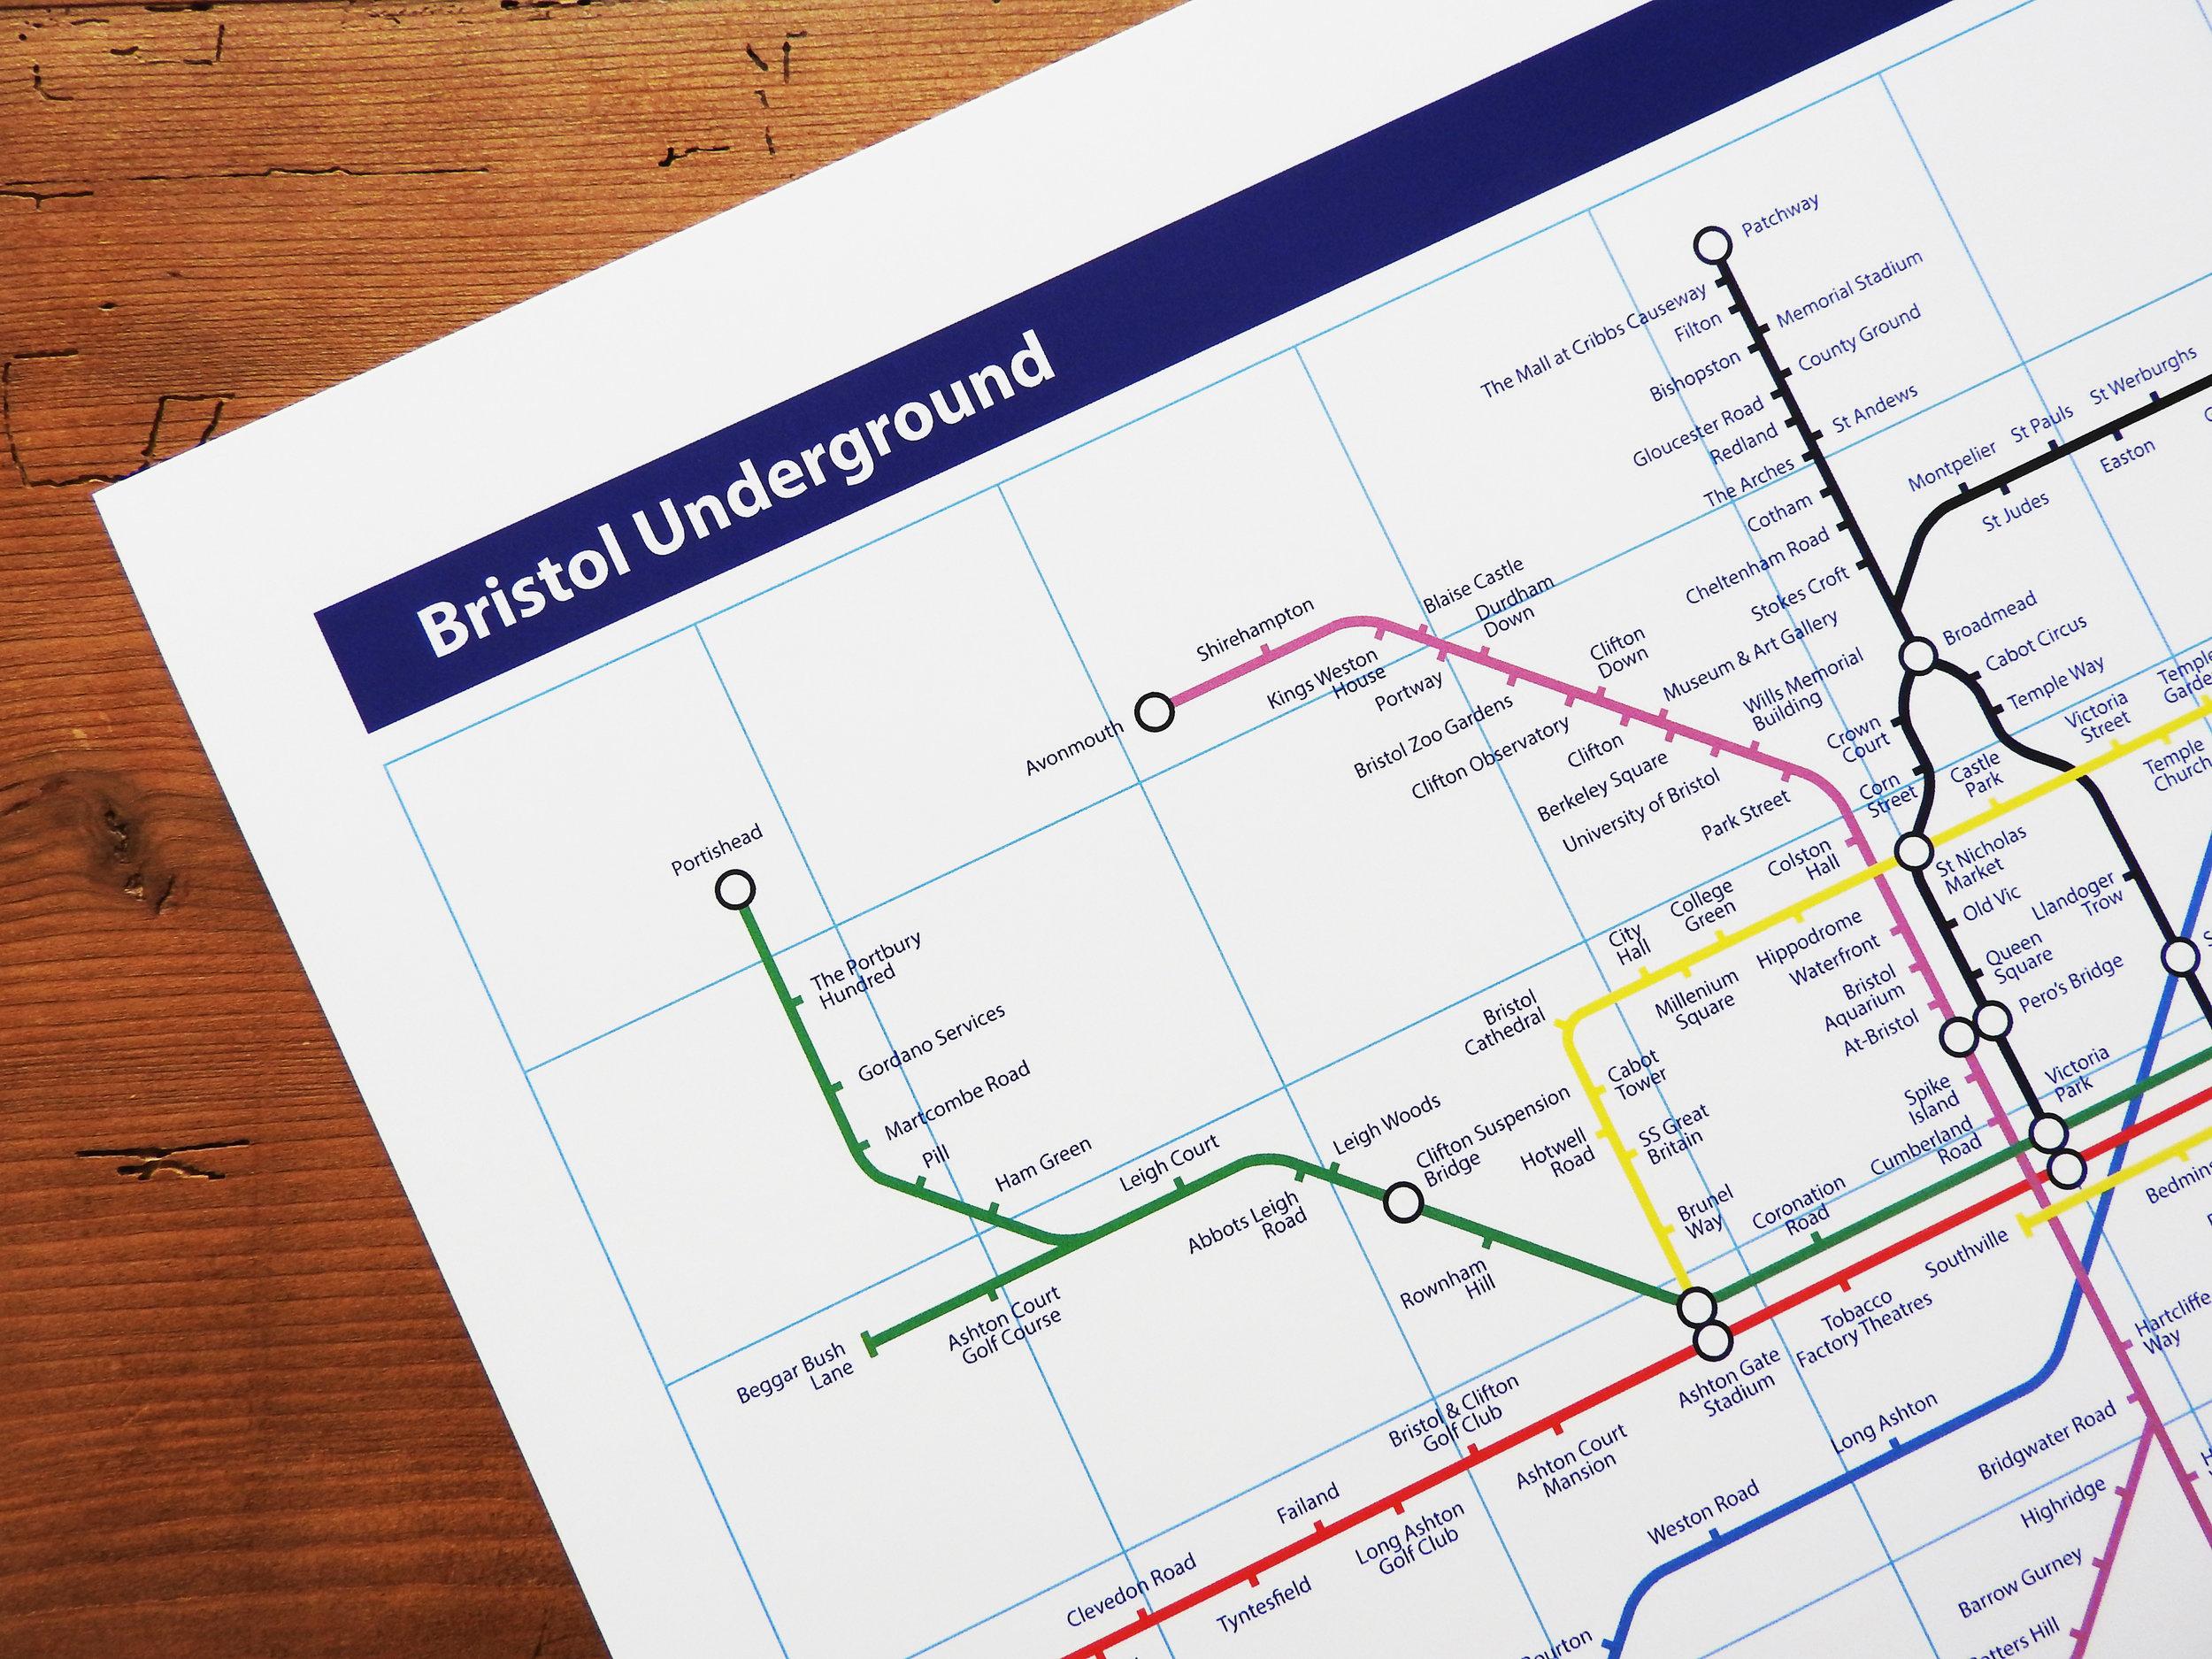 Bristol Underground 1.jpg